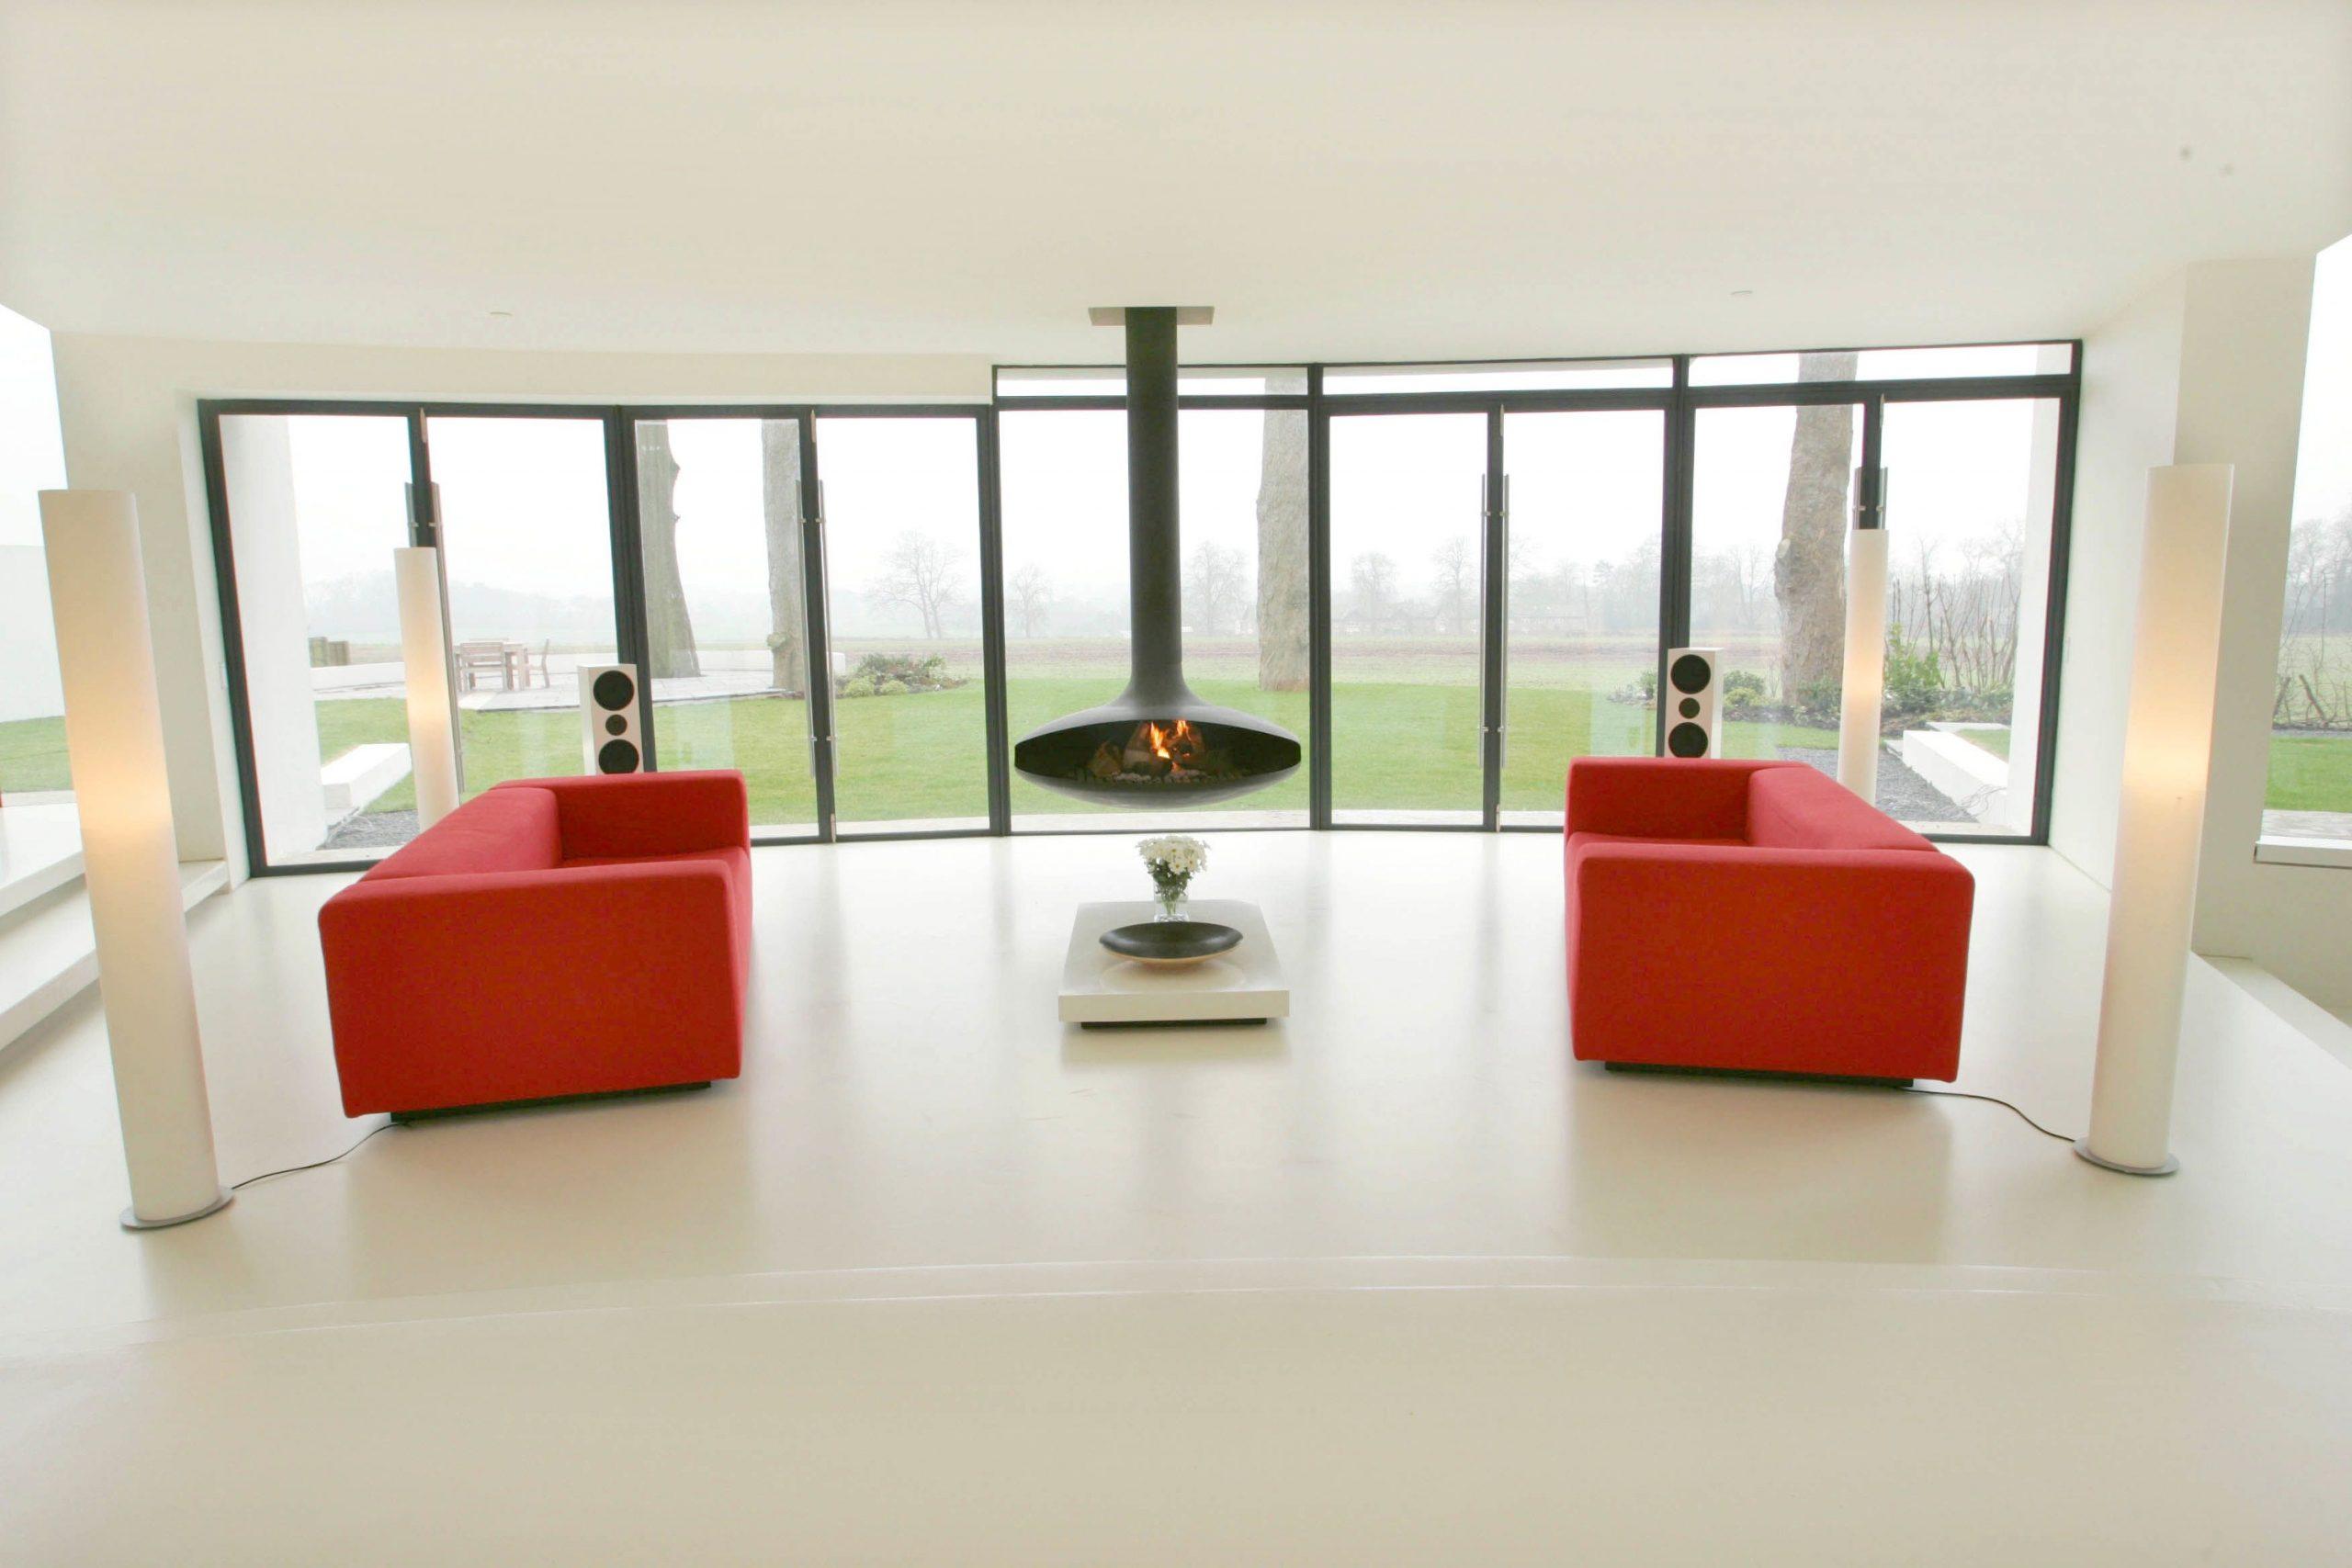 Dve žiarivo červené pohovky sú symetricky umiestnené medzi štyrmi identickými lampami a uprostred vystupuje zo stropu atypický kozub.